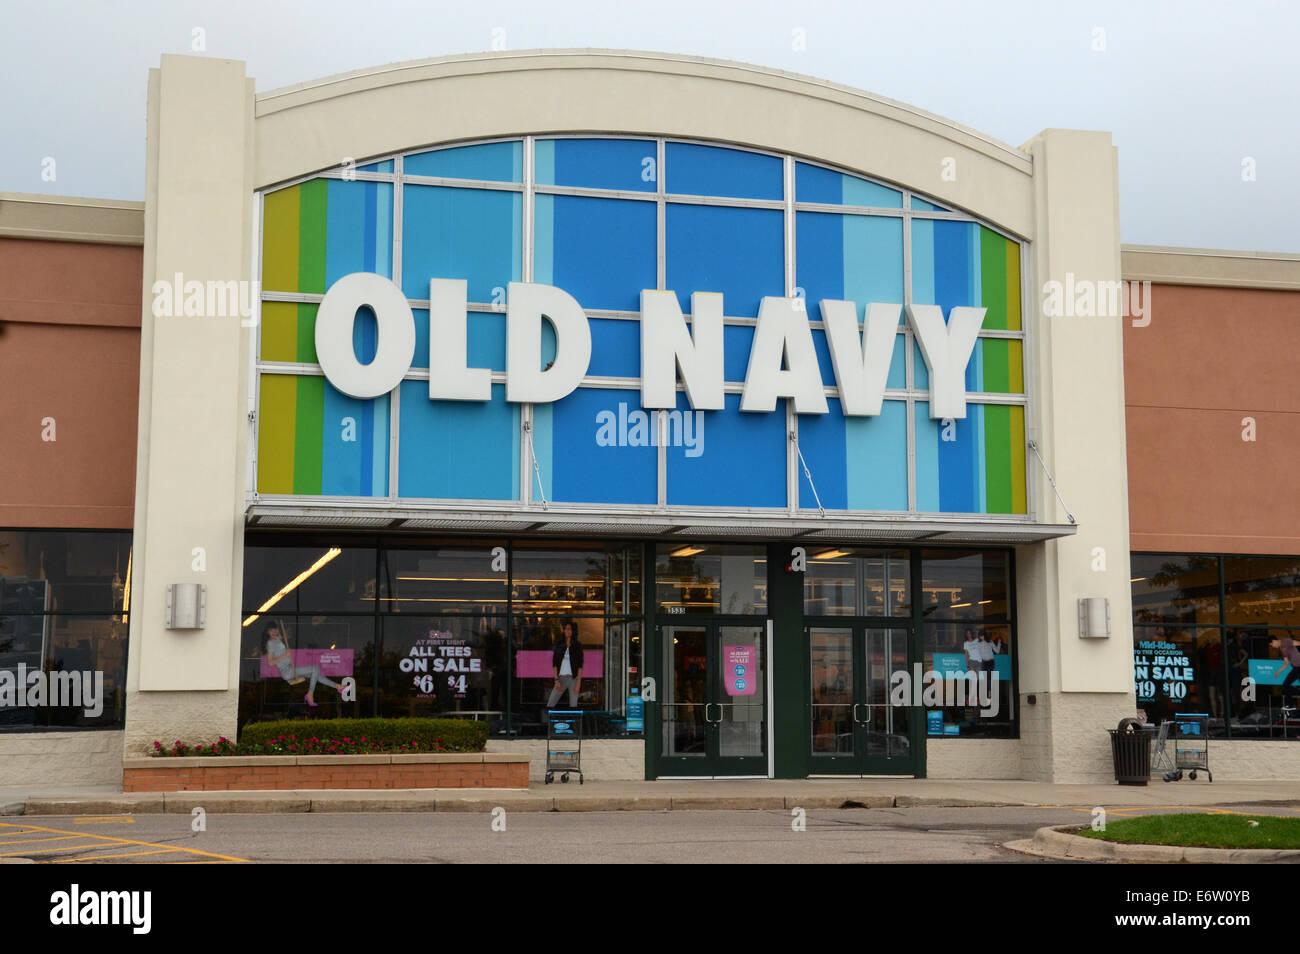 ANN ARBOR, MI - Agosto 24: Ventas en Old Navy Ann Arbor store es mostrado el 24 de agosto de 2014. Foto de stock